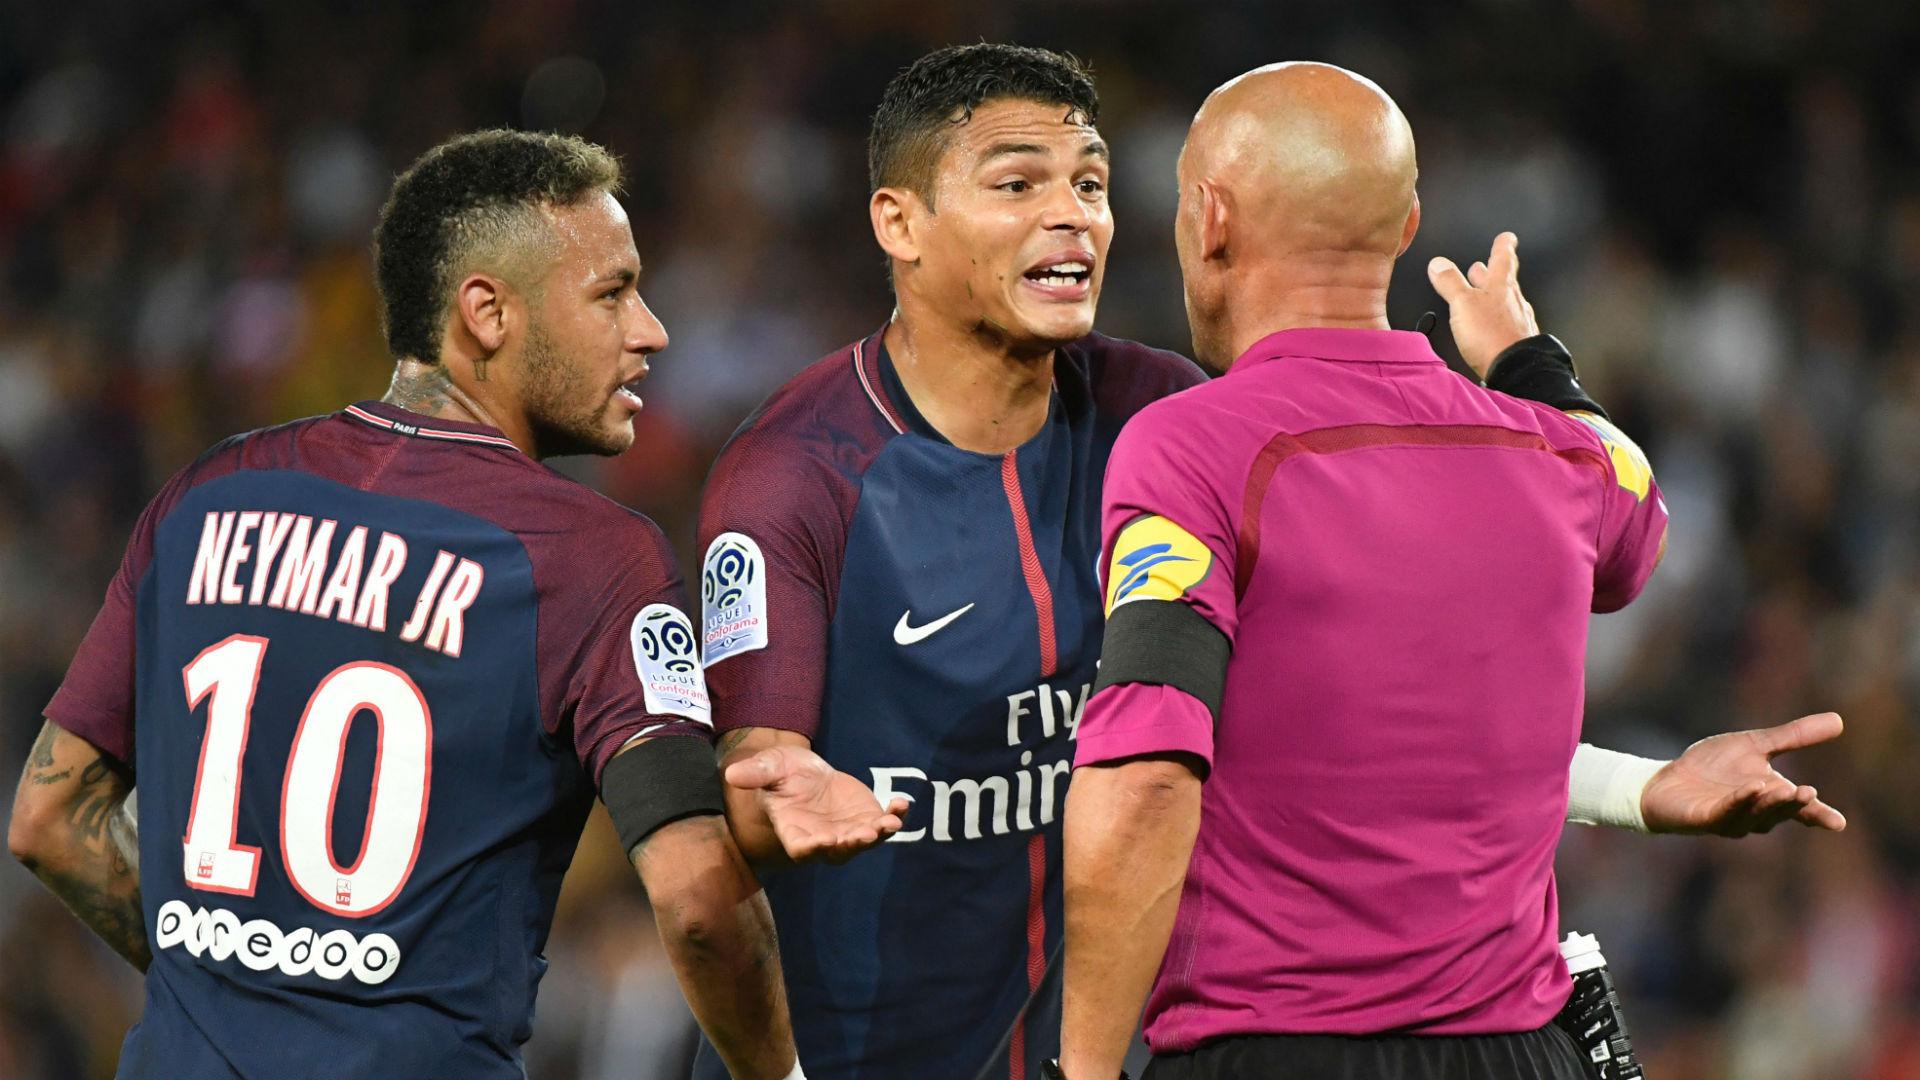 Polémica entre Neymar e Cavani quase terminou em confrontos